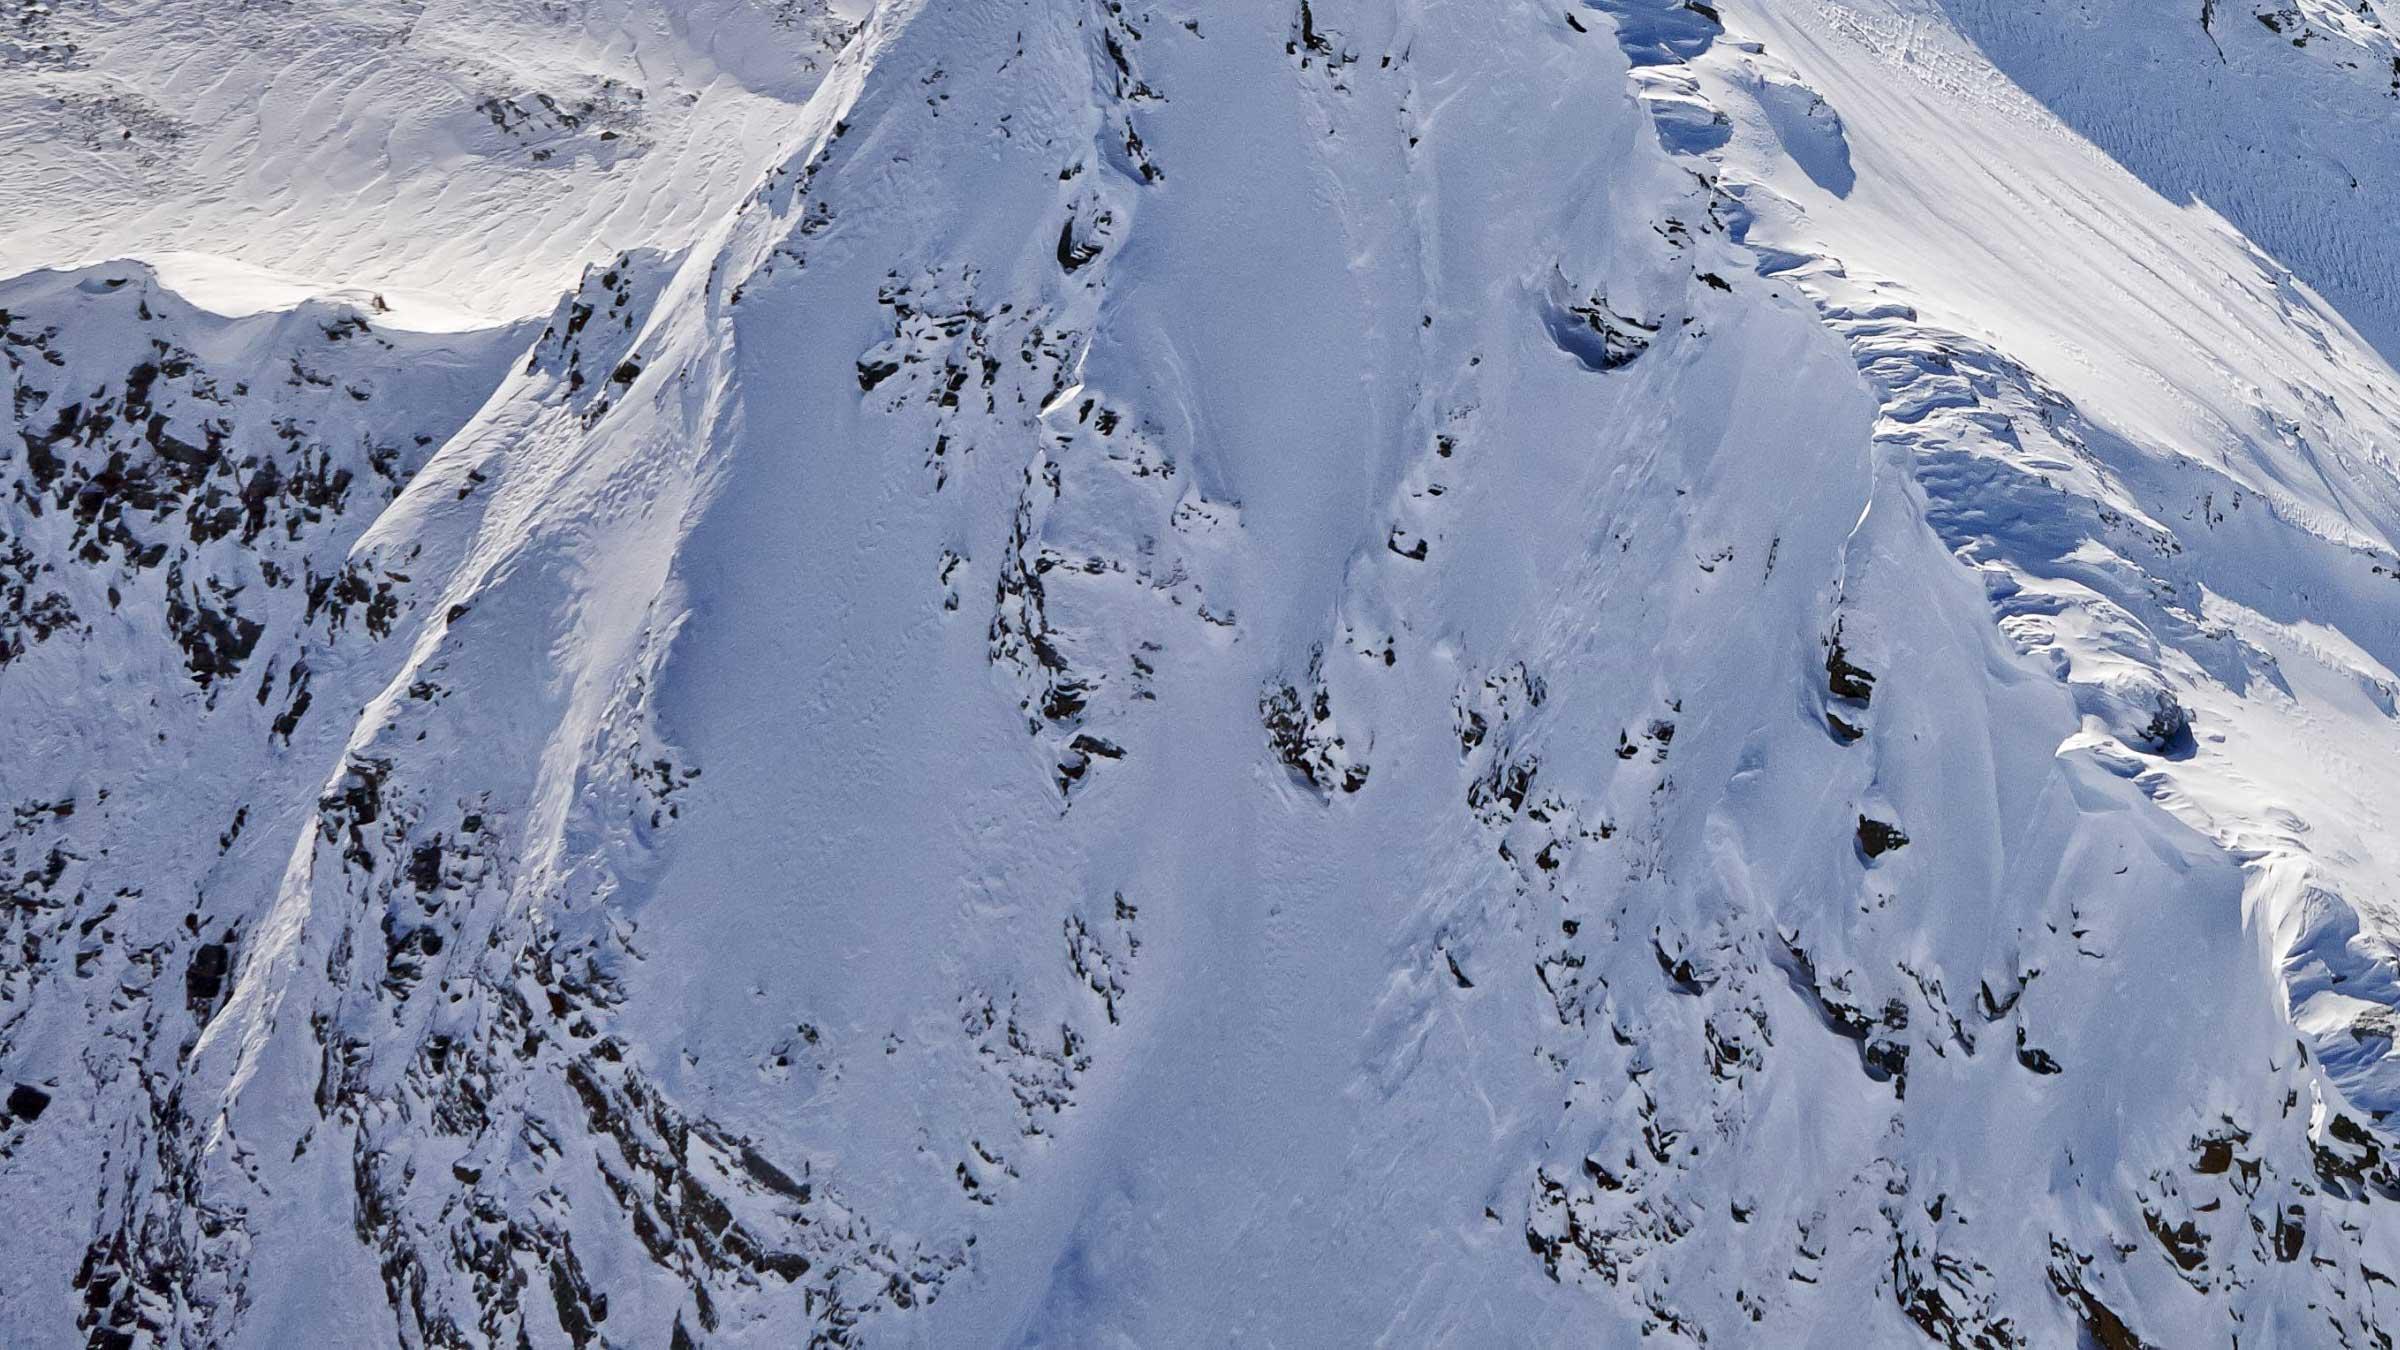 Sound der Berge in Obergurgl-Hochgurgl, Ötztal, Tirol